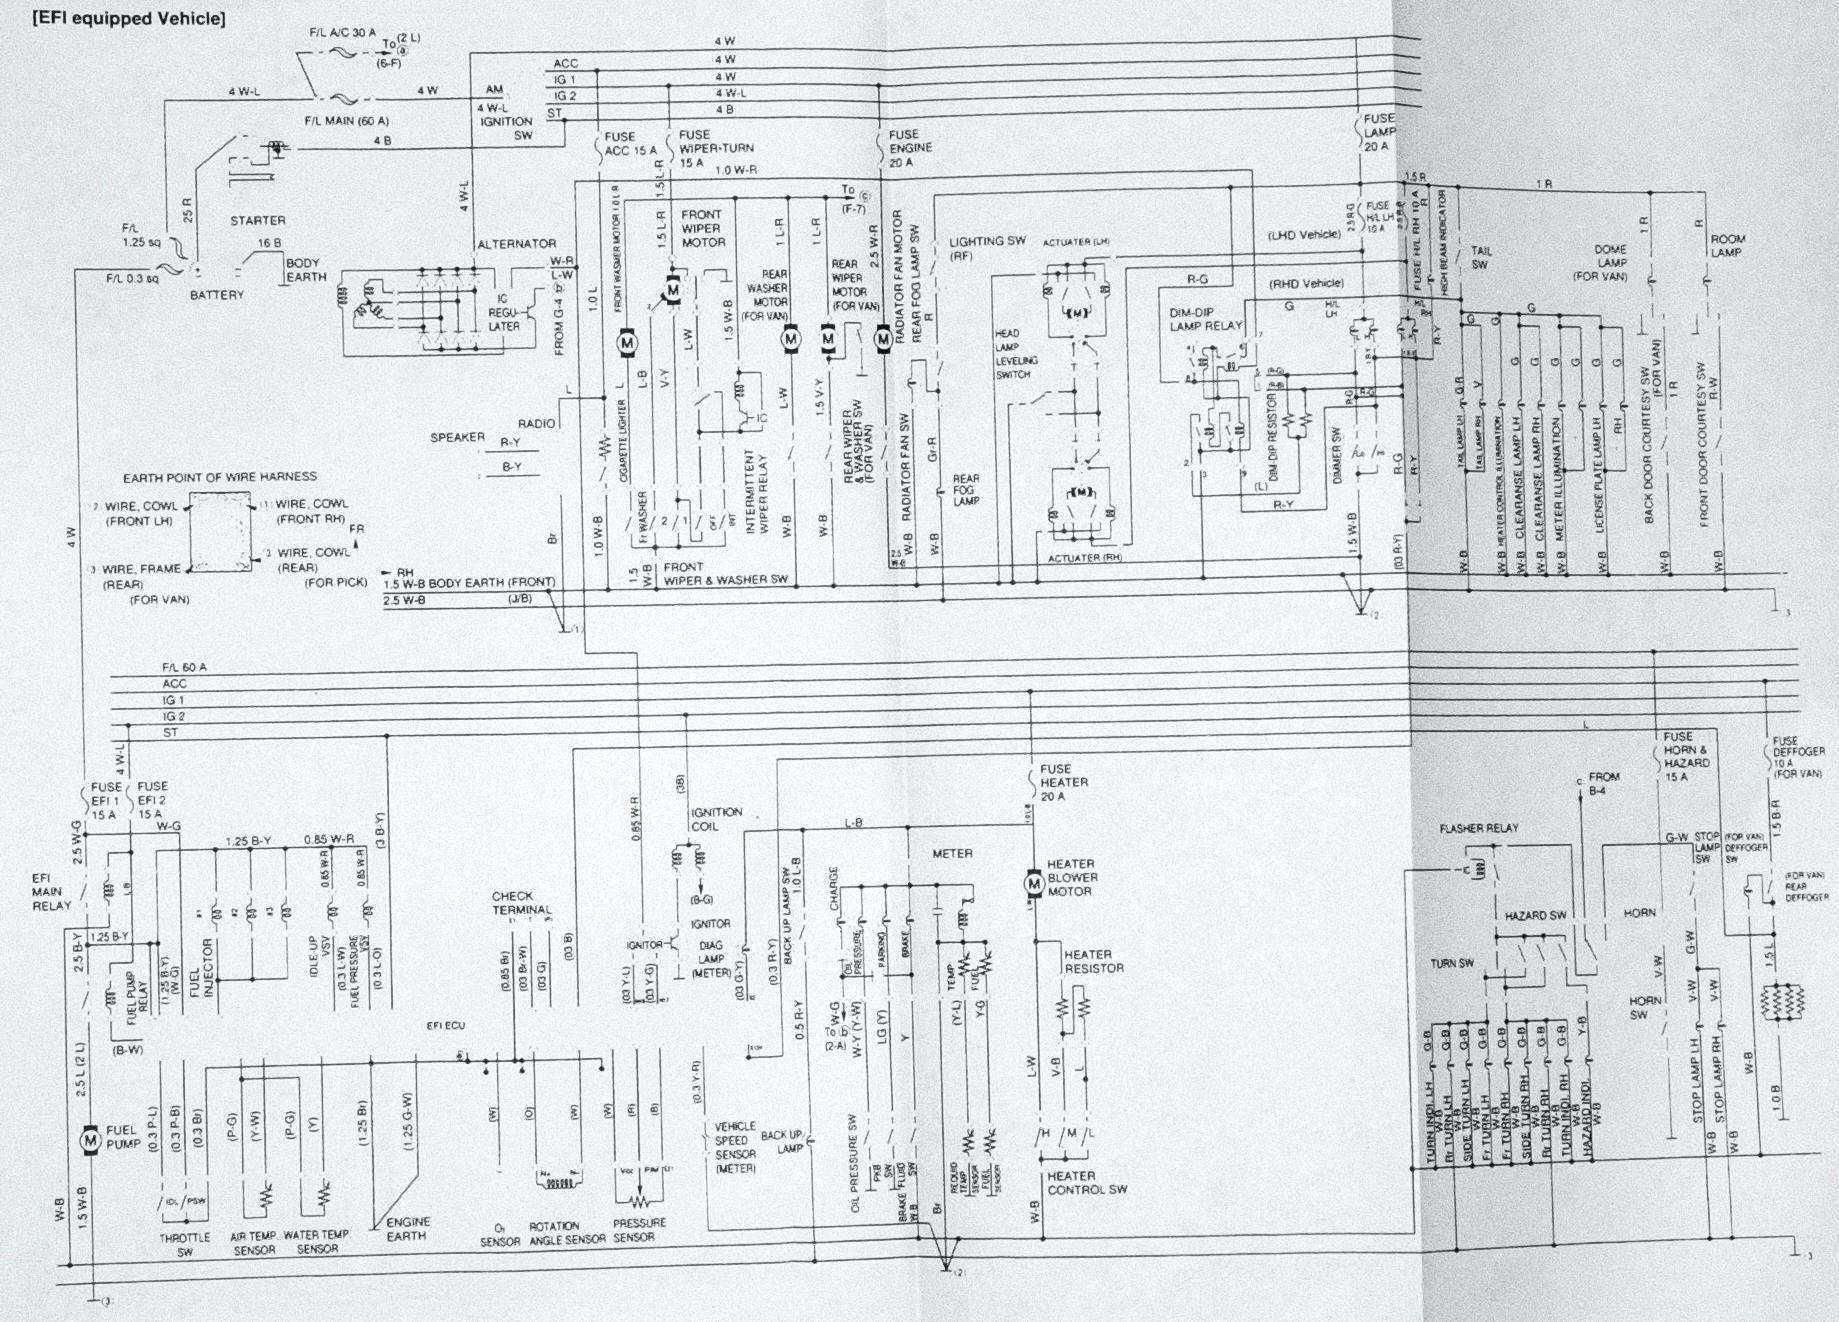 Pontiac Aztek Engine Diagram Daihatsu Terios Fuse Box Diagram Automotive Wiring Diagrams Of Pontiac Aztek Engine Diagram Daihatsu Terios Fuse Box Diagram Automotive Wiring Diagrams